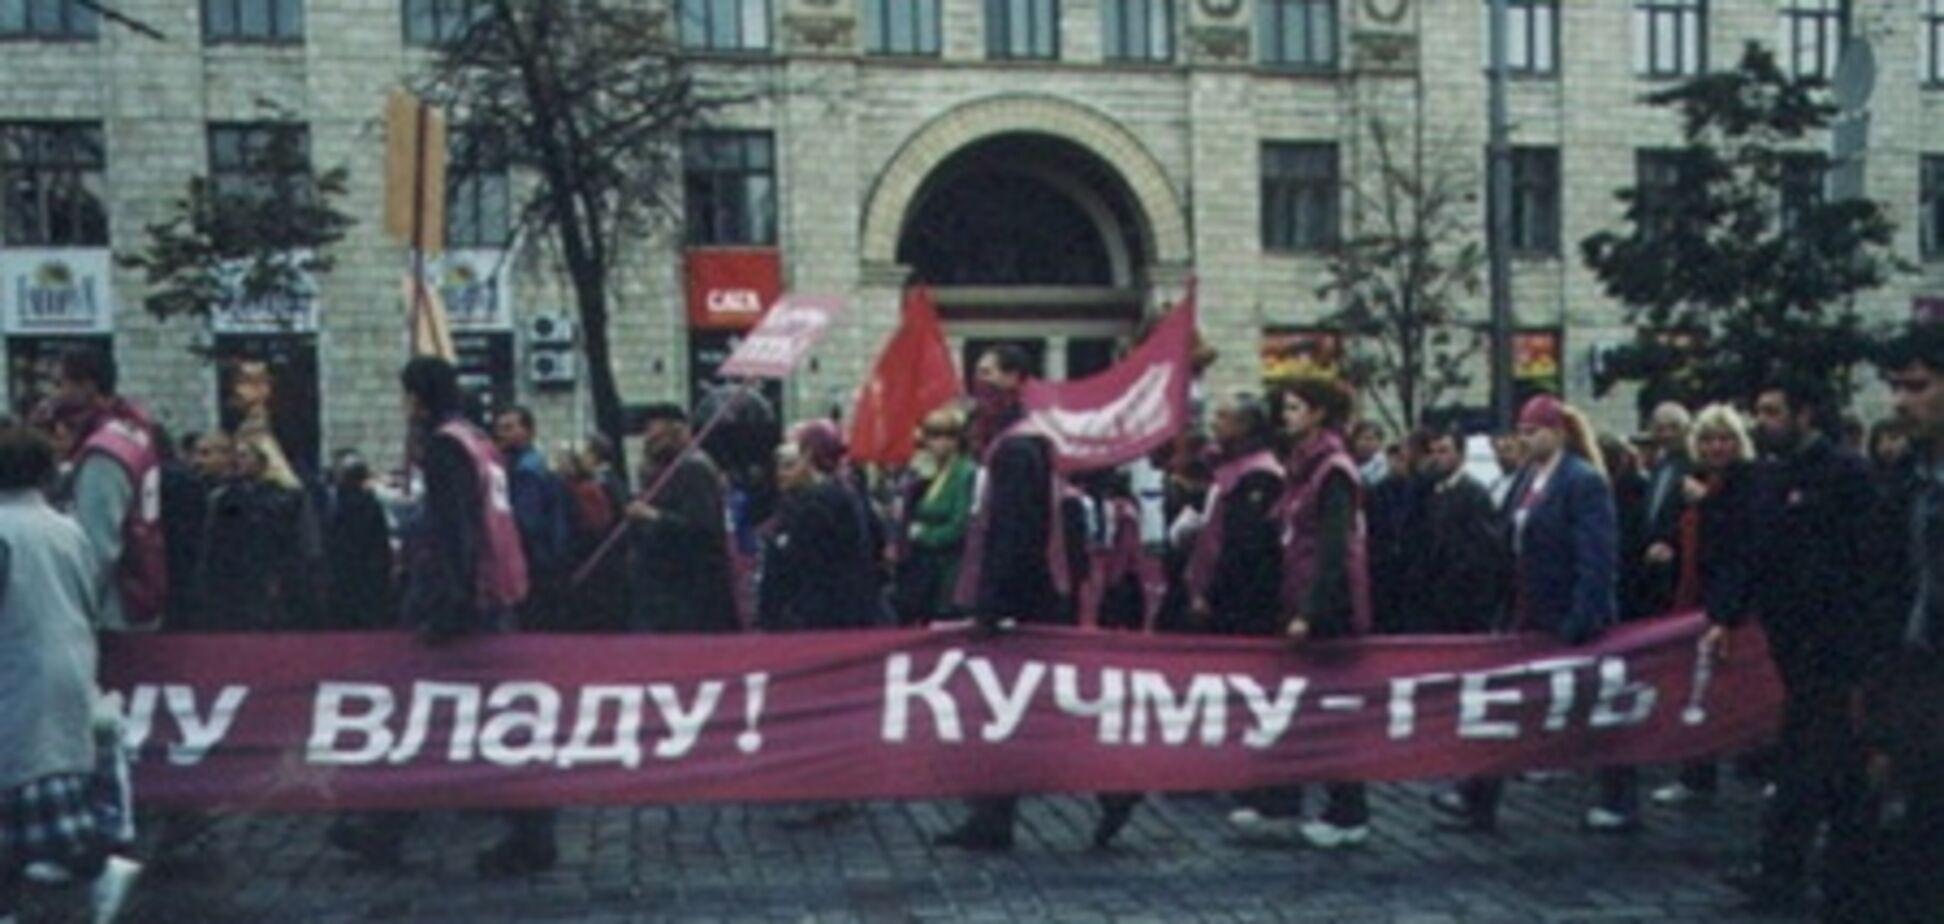 Березень: річниця УБК, ювілей Горбачова, справа проти Кучми